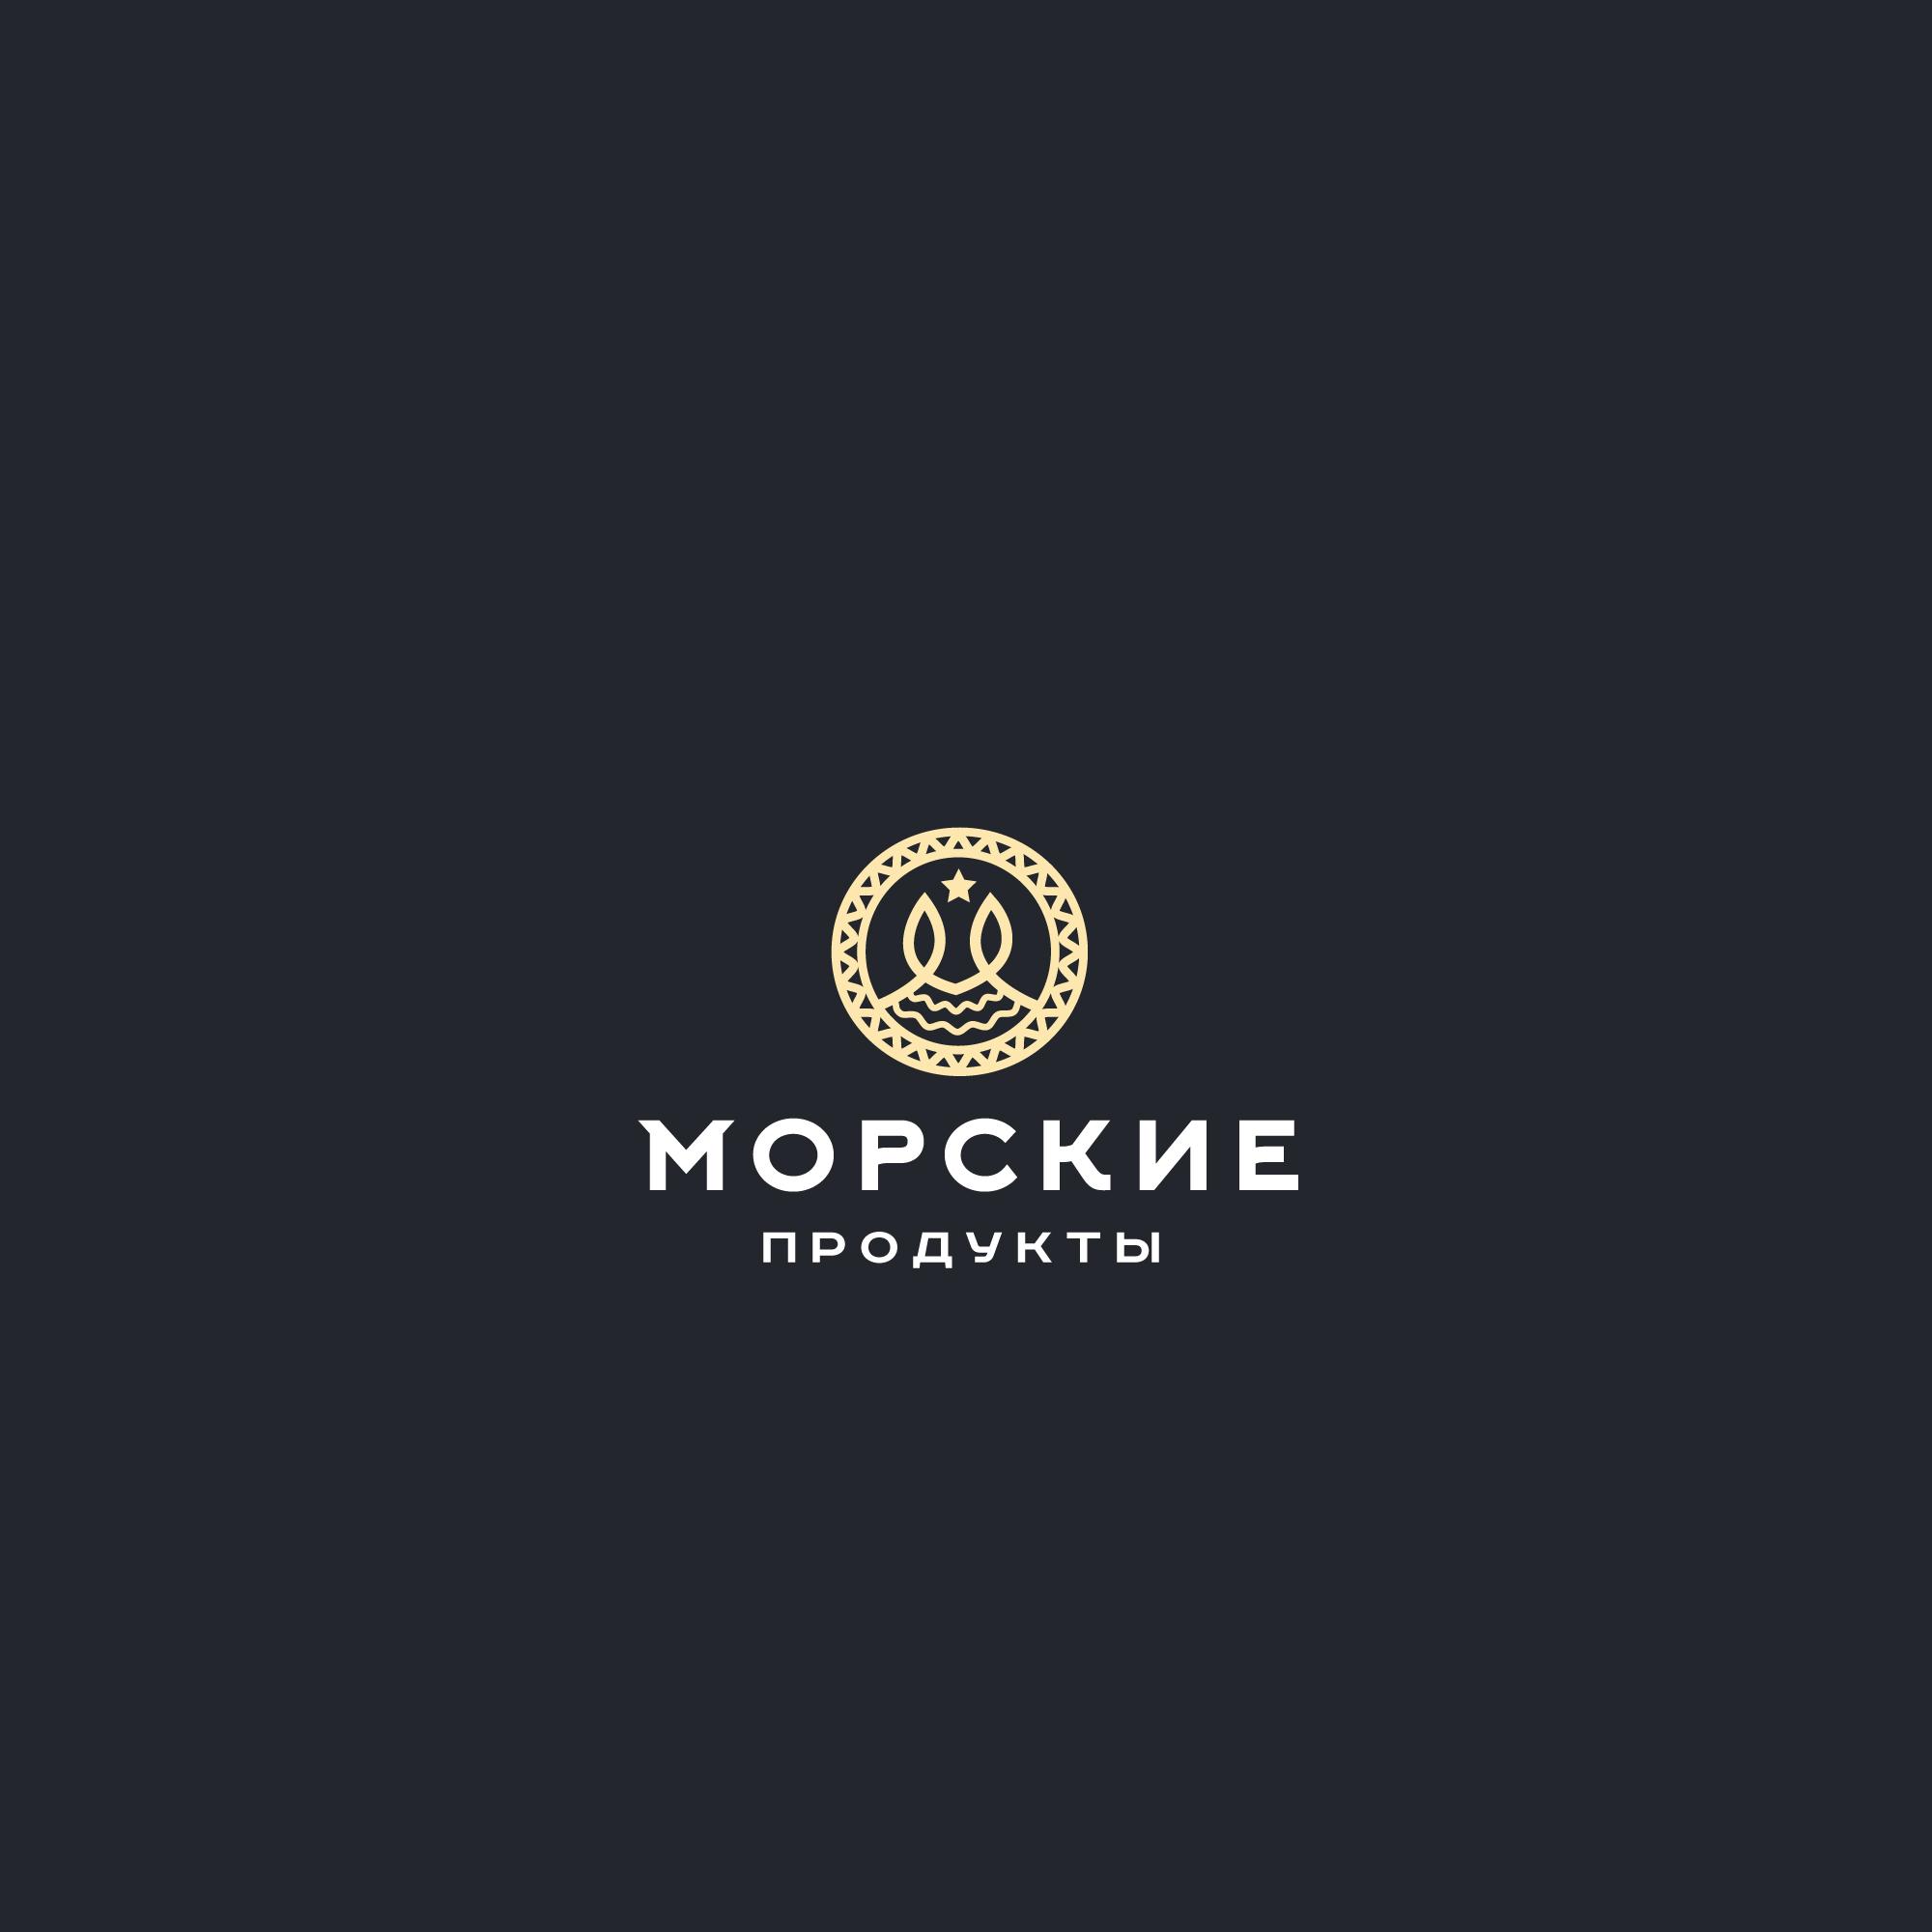 Разработать логотип.  фото f_8615ec6f18f78655.jpg